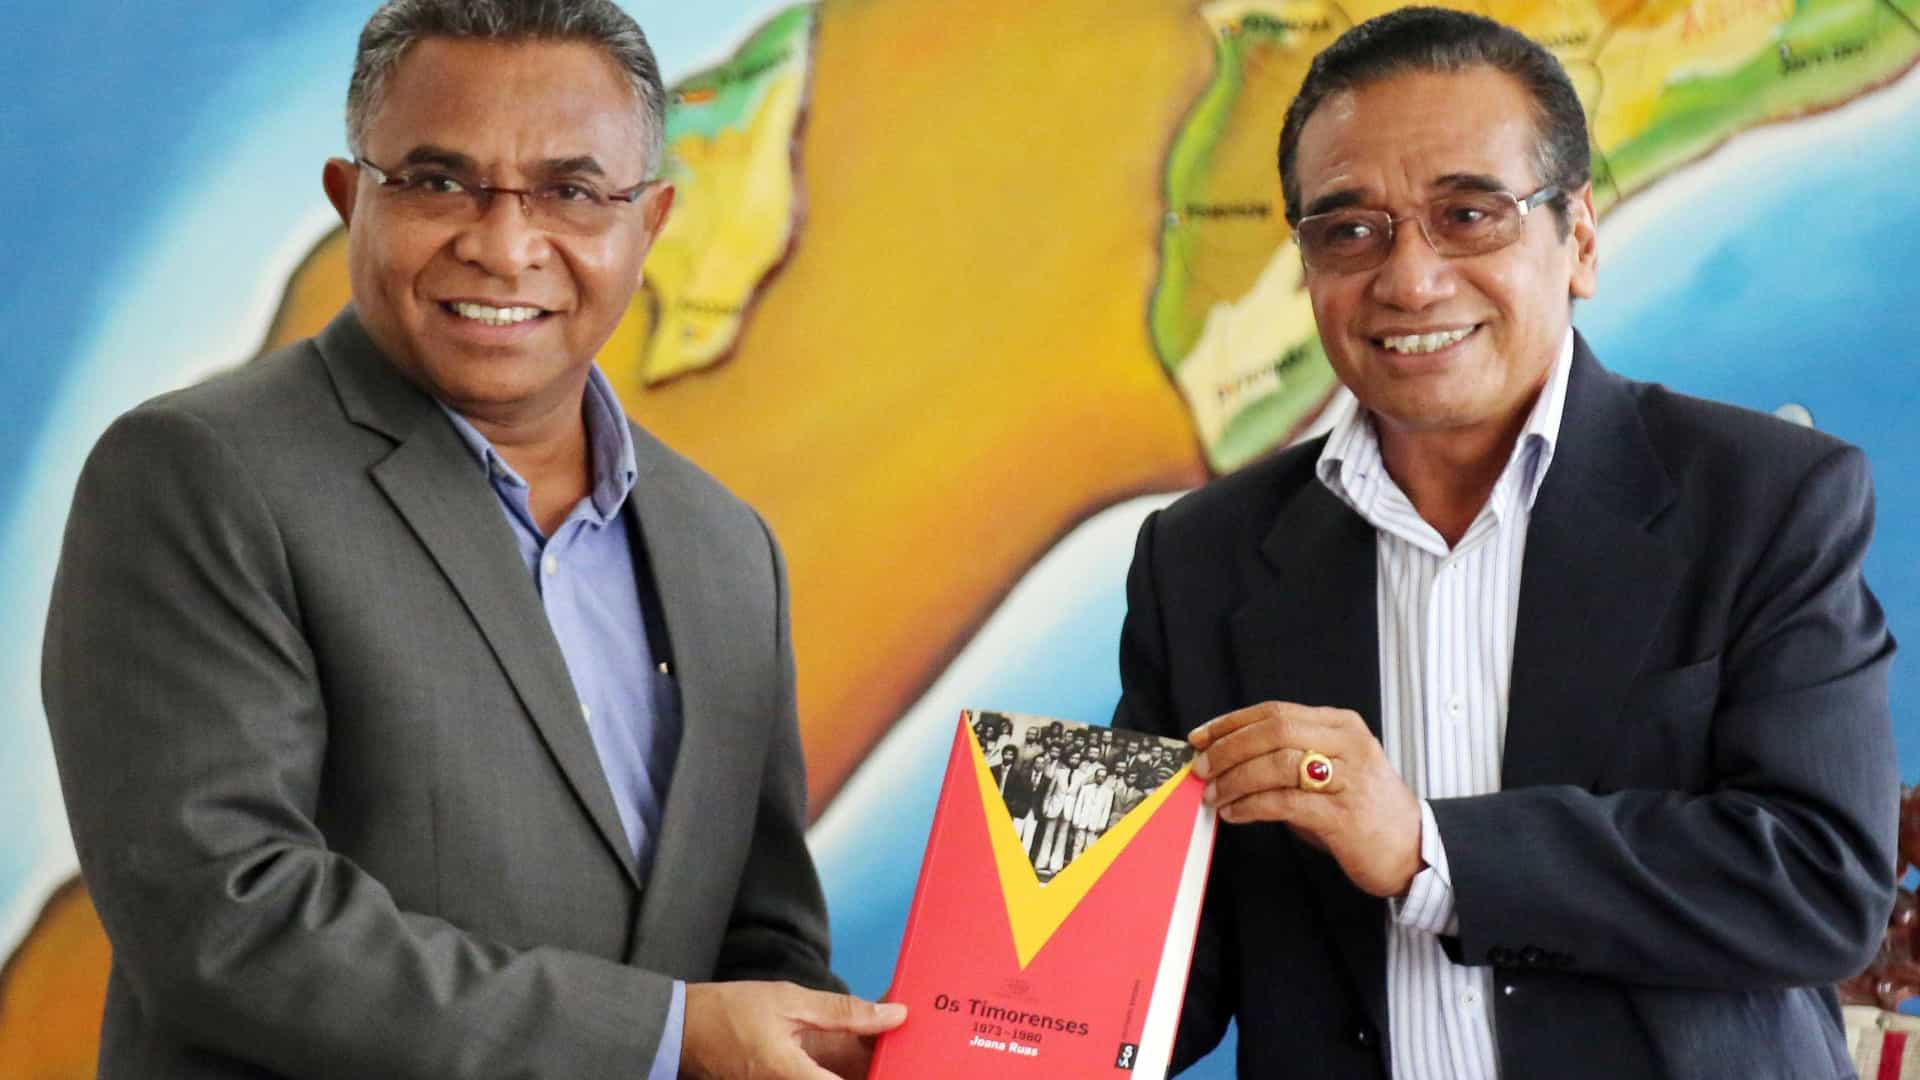 Francisco Guterres Lu-Olo tomou posse como 4º Presidente de Timor-Leste